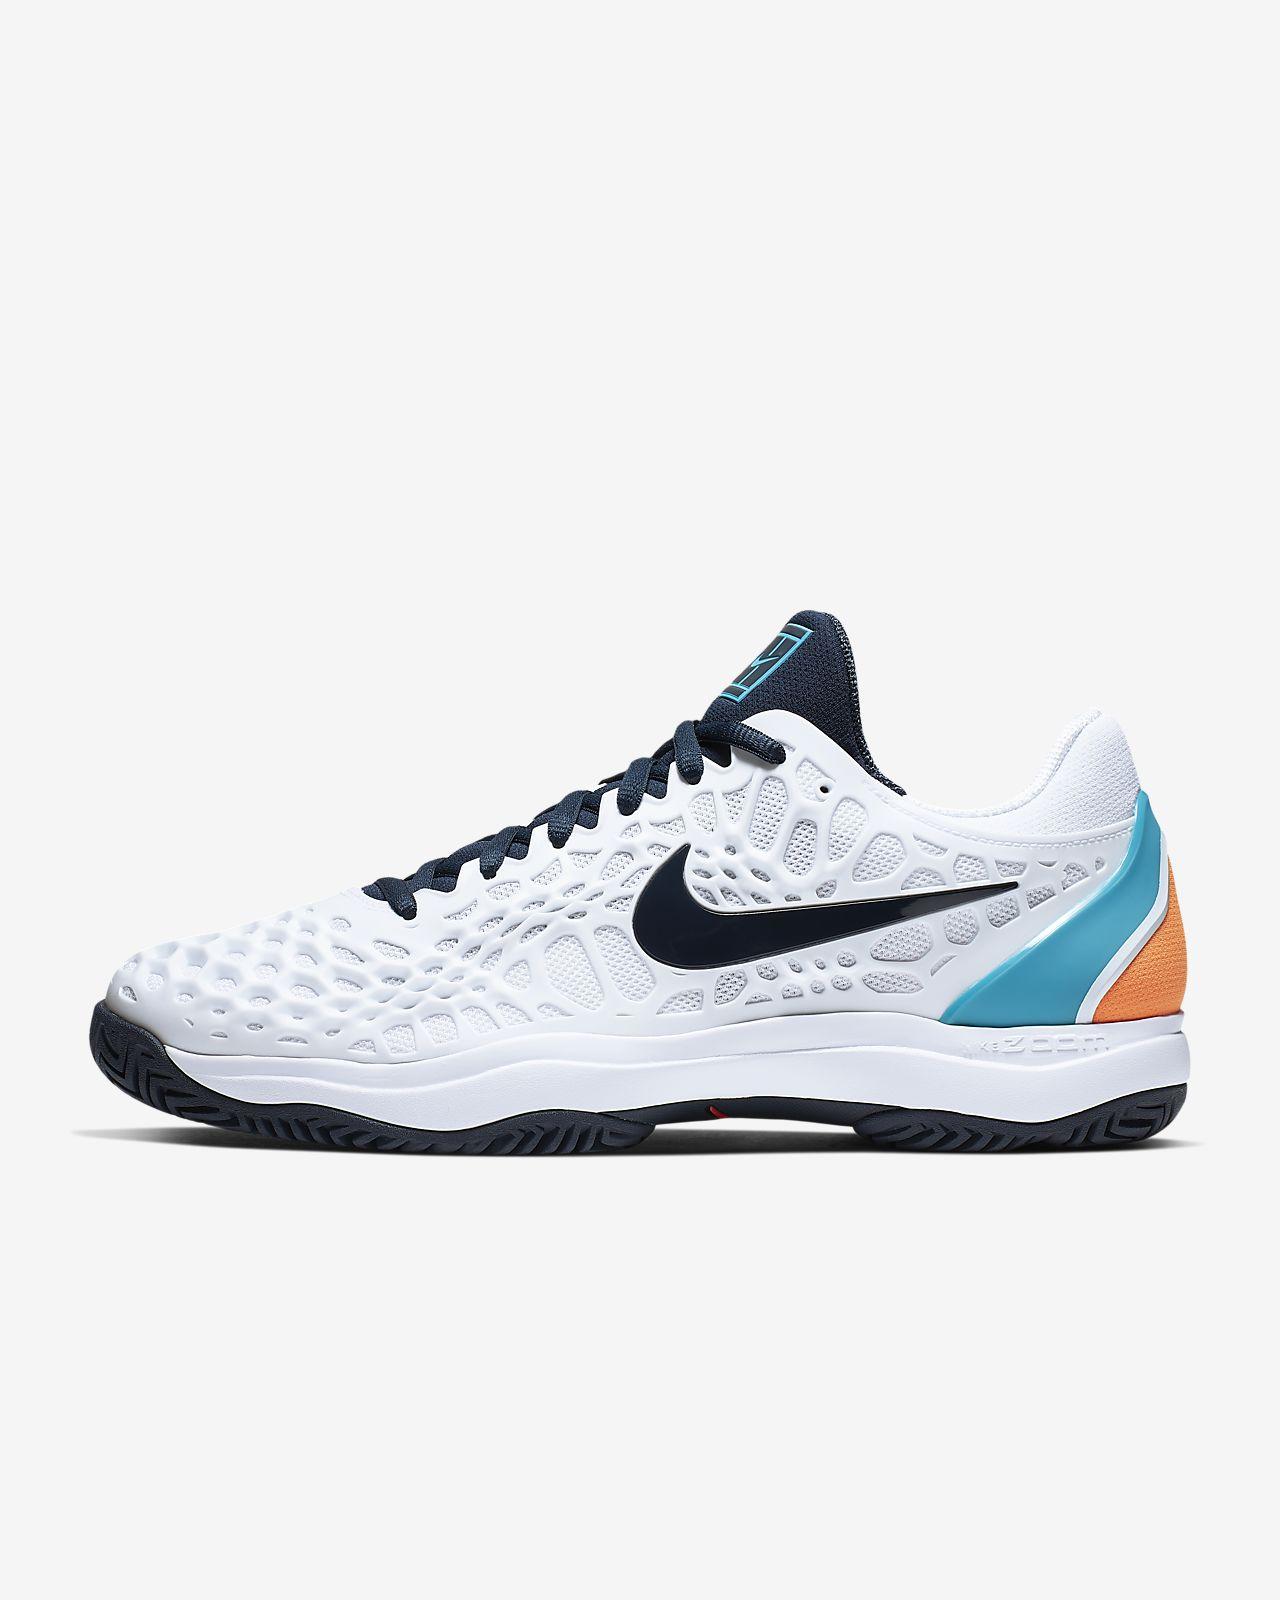 85ea2048f3f30 ... Chaussure de tennis pour surface dure NikeCourt Zoom Cage 3 pour Homme